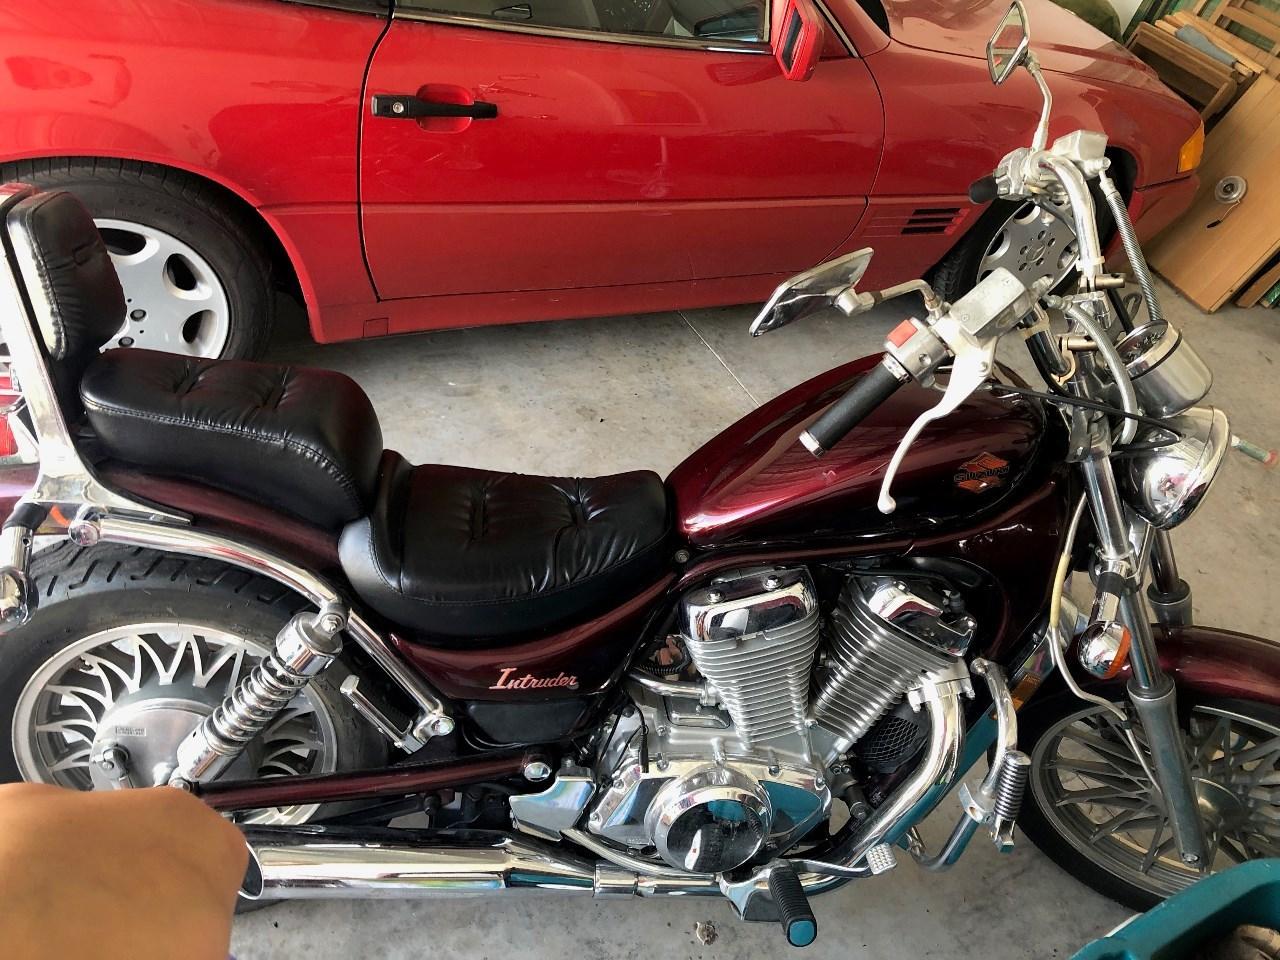 1986 Suzuki INTRUDER 700